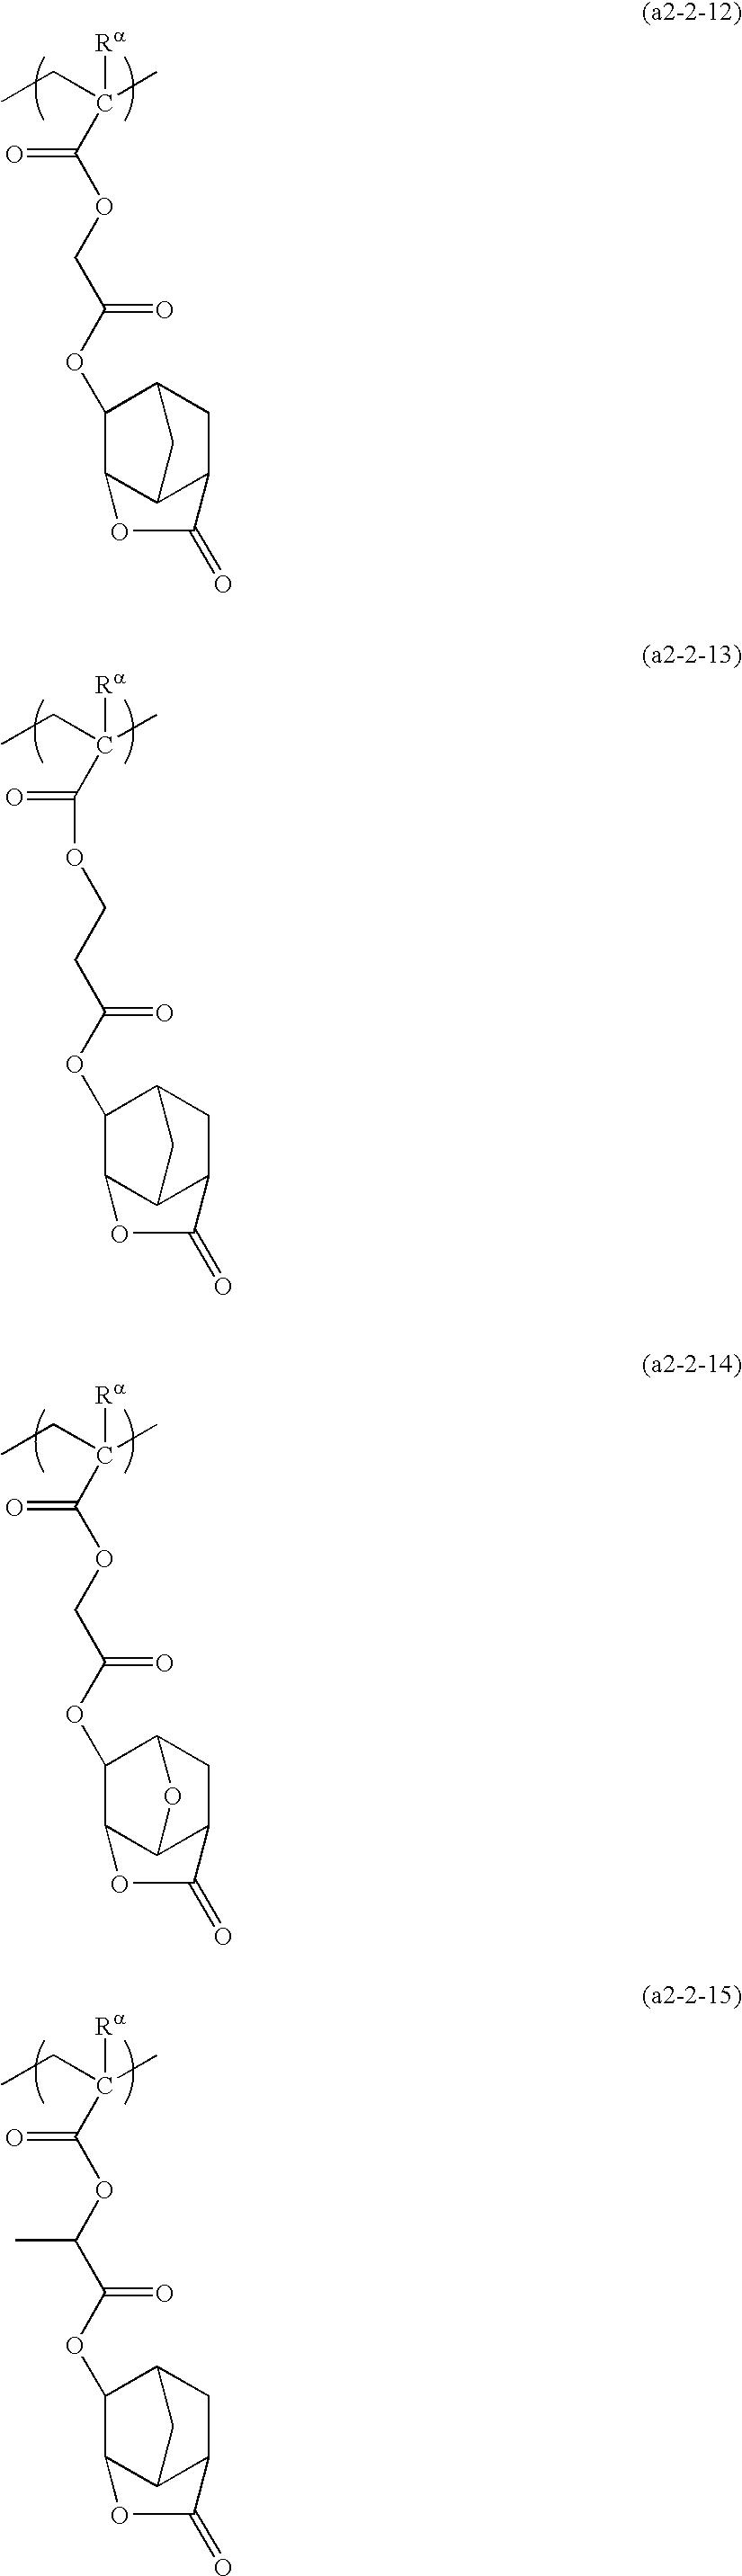 Figure US20100196821A1-20100805-C00072